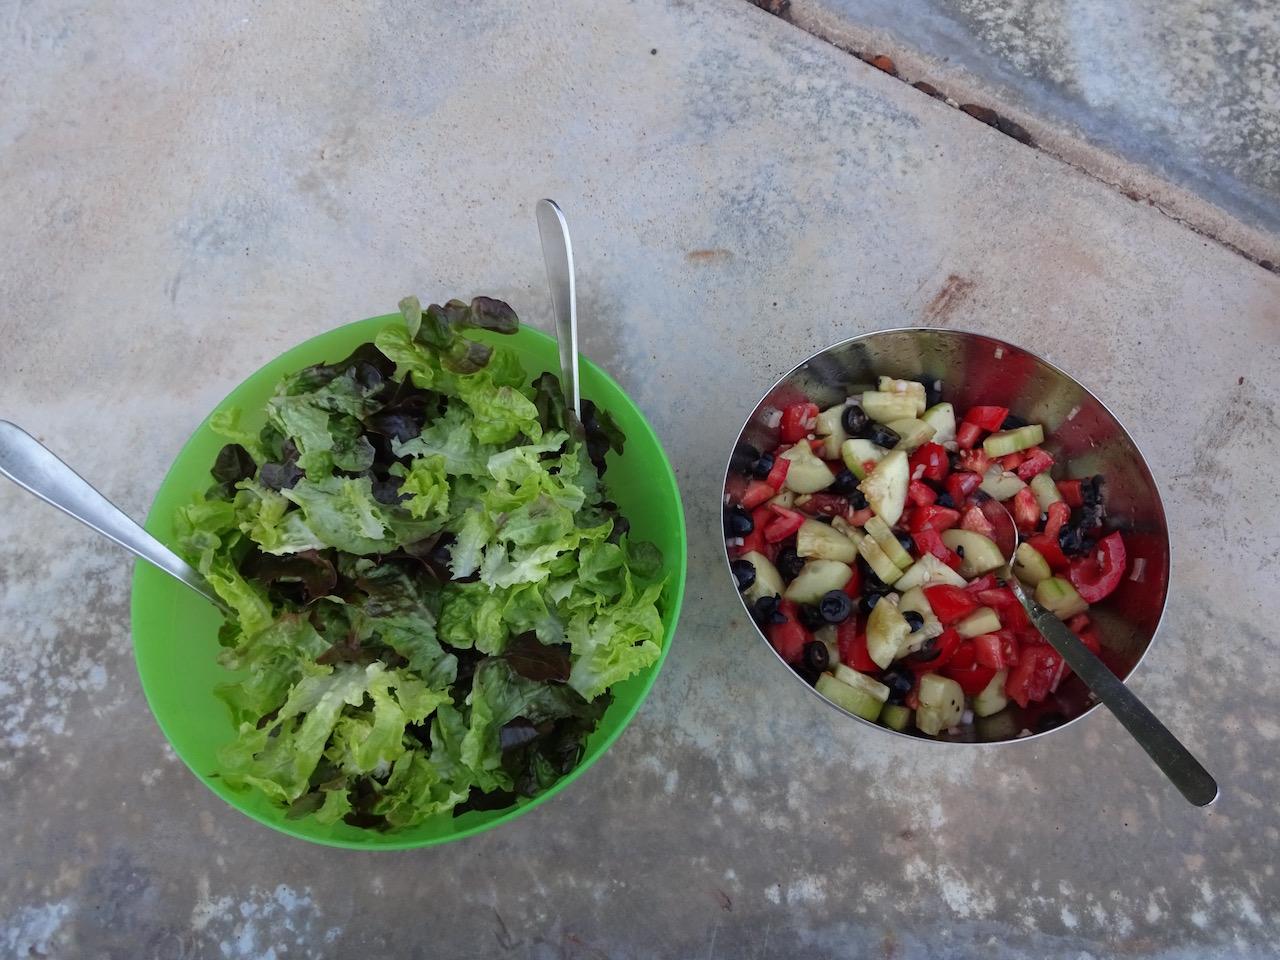 vor der Wanderung am nächsten Tag stärken wir uns mit Salat